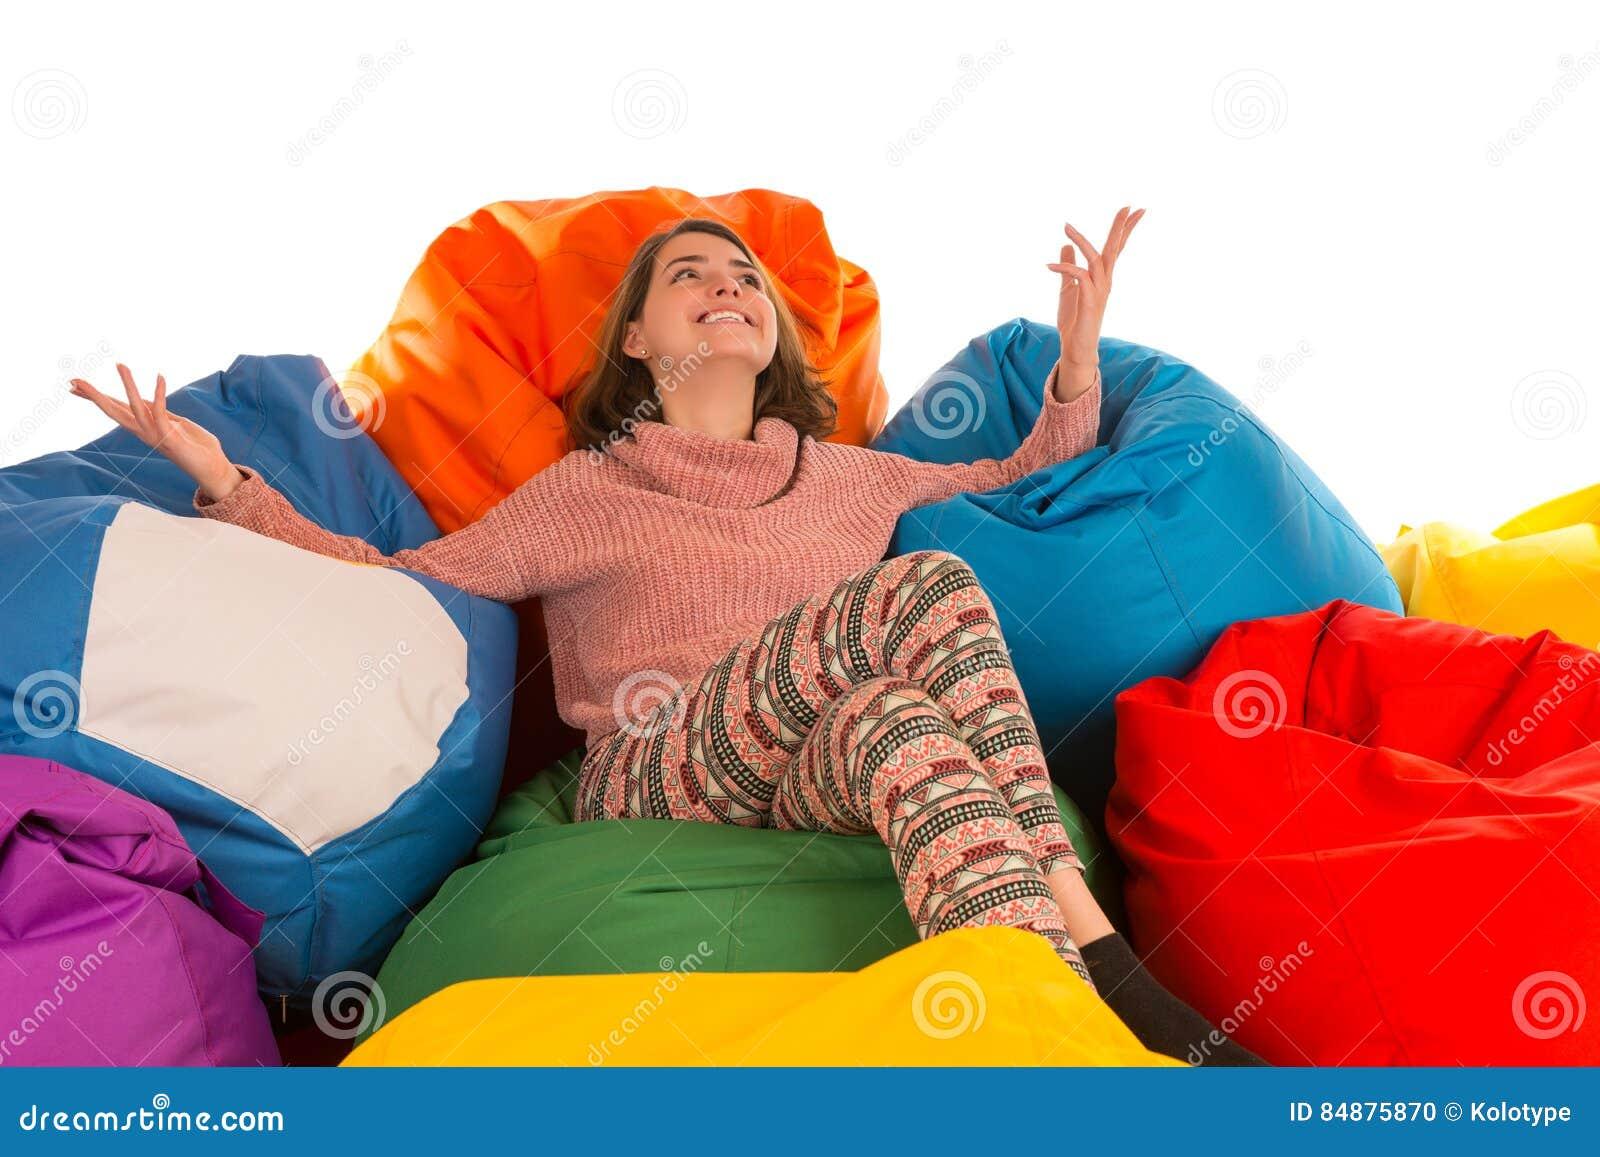 坐在装豆子小布袋椅子之间的年轻愉快的微笑的妇女